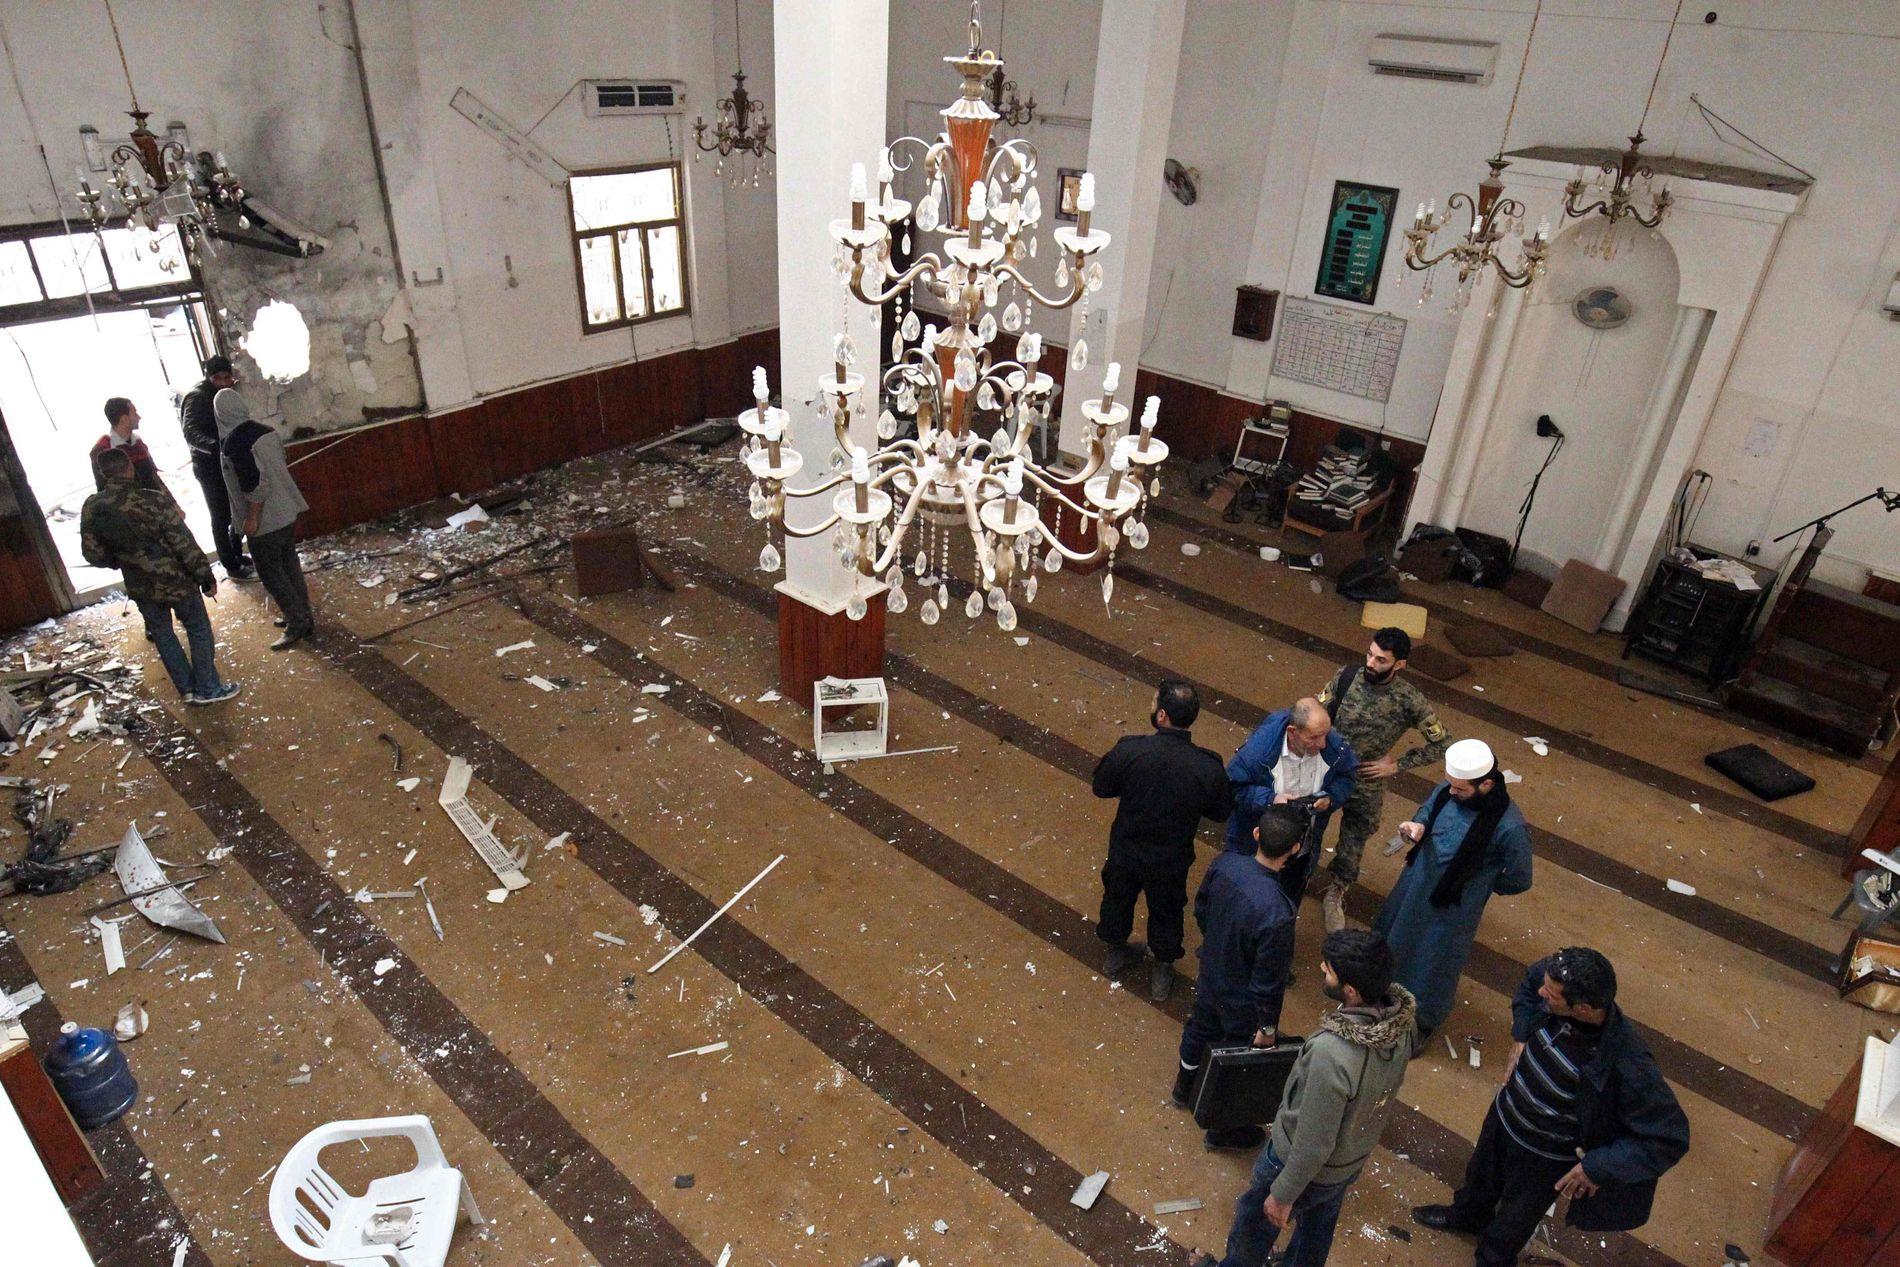 MATERIELLE SKADER: Slik så det ut på innsiden av moskeen etter at den ble rammet av et dobbelt bombeangrep fredag.